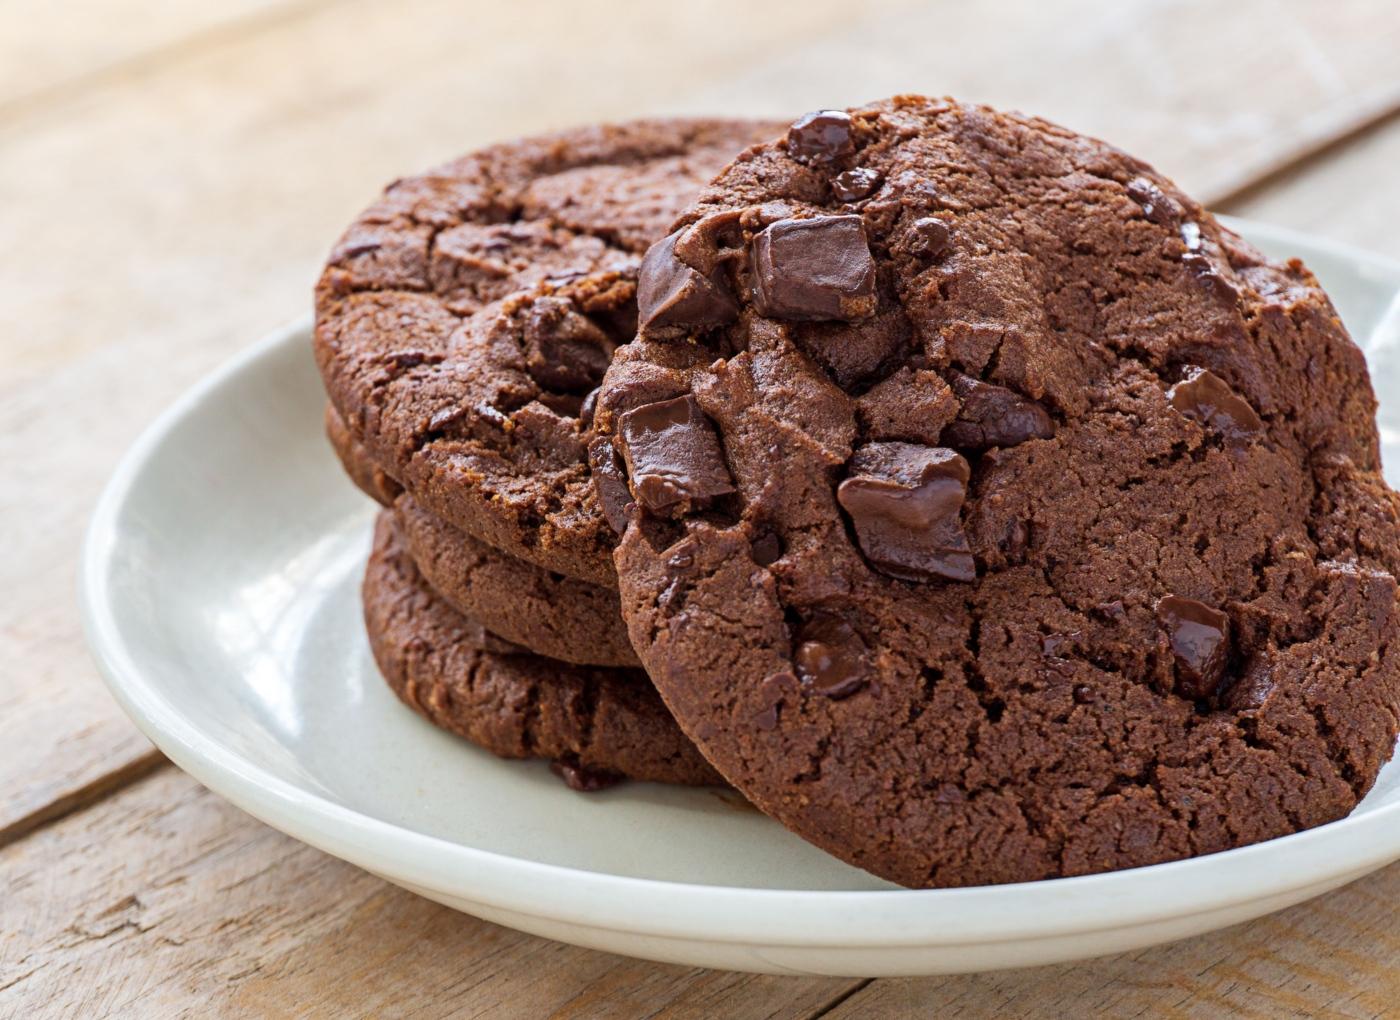 Receitas de bolachas na Bimby: bolachas de chocolate